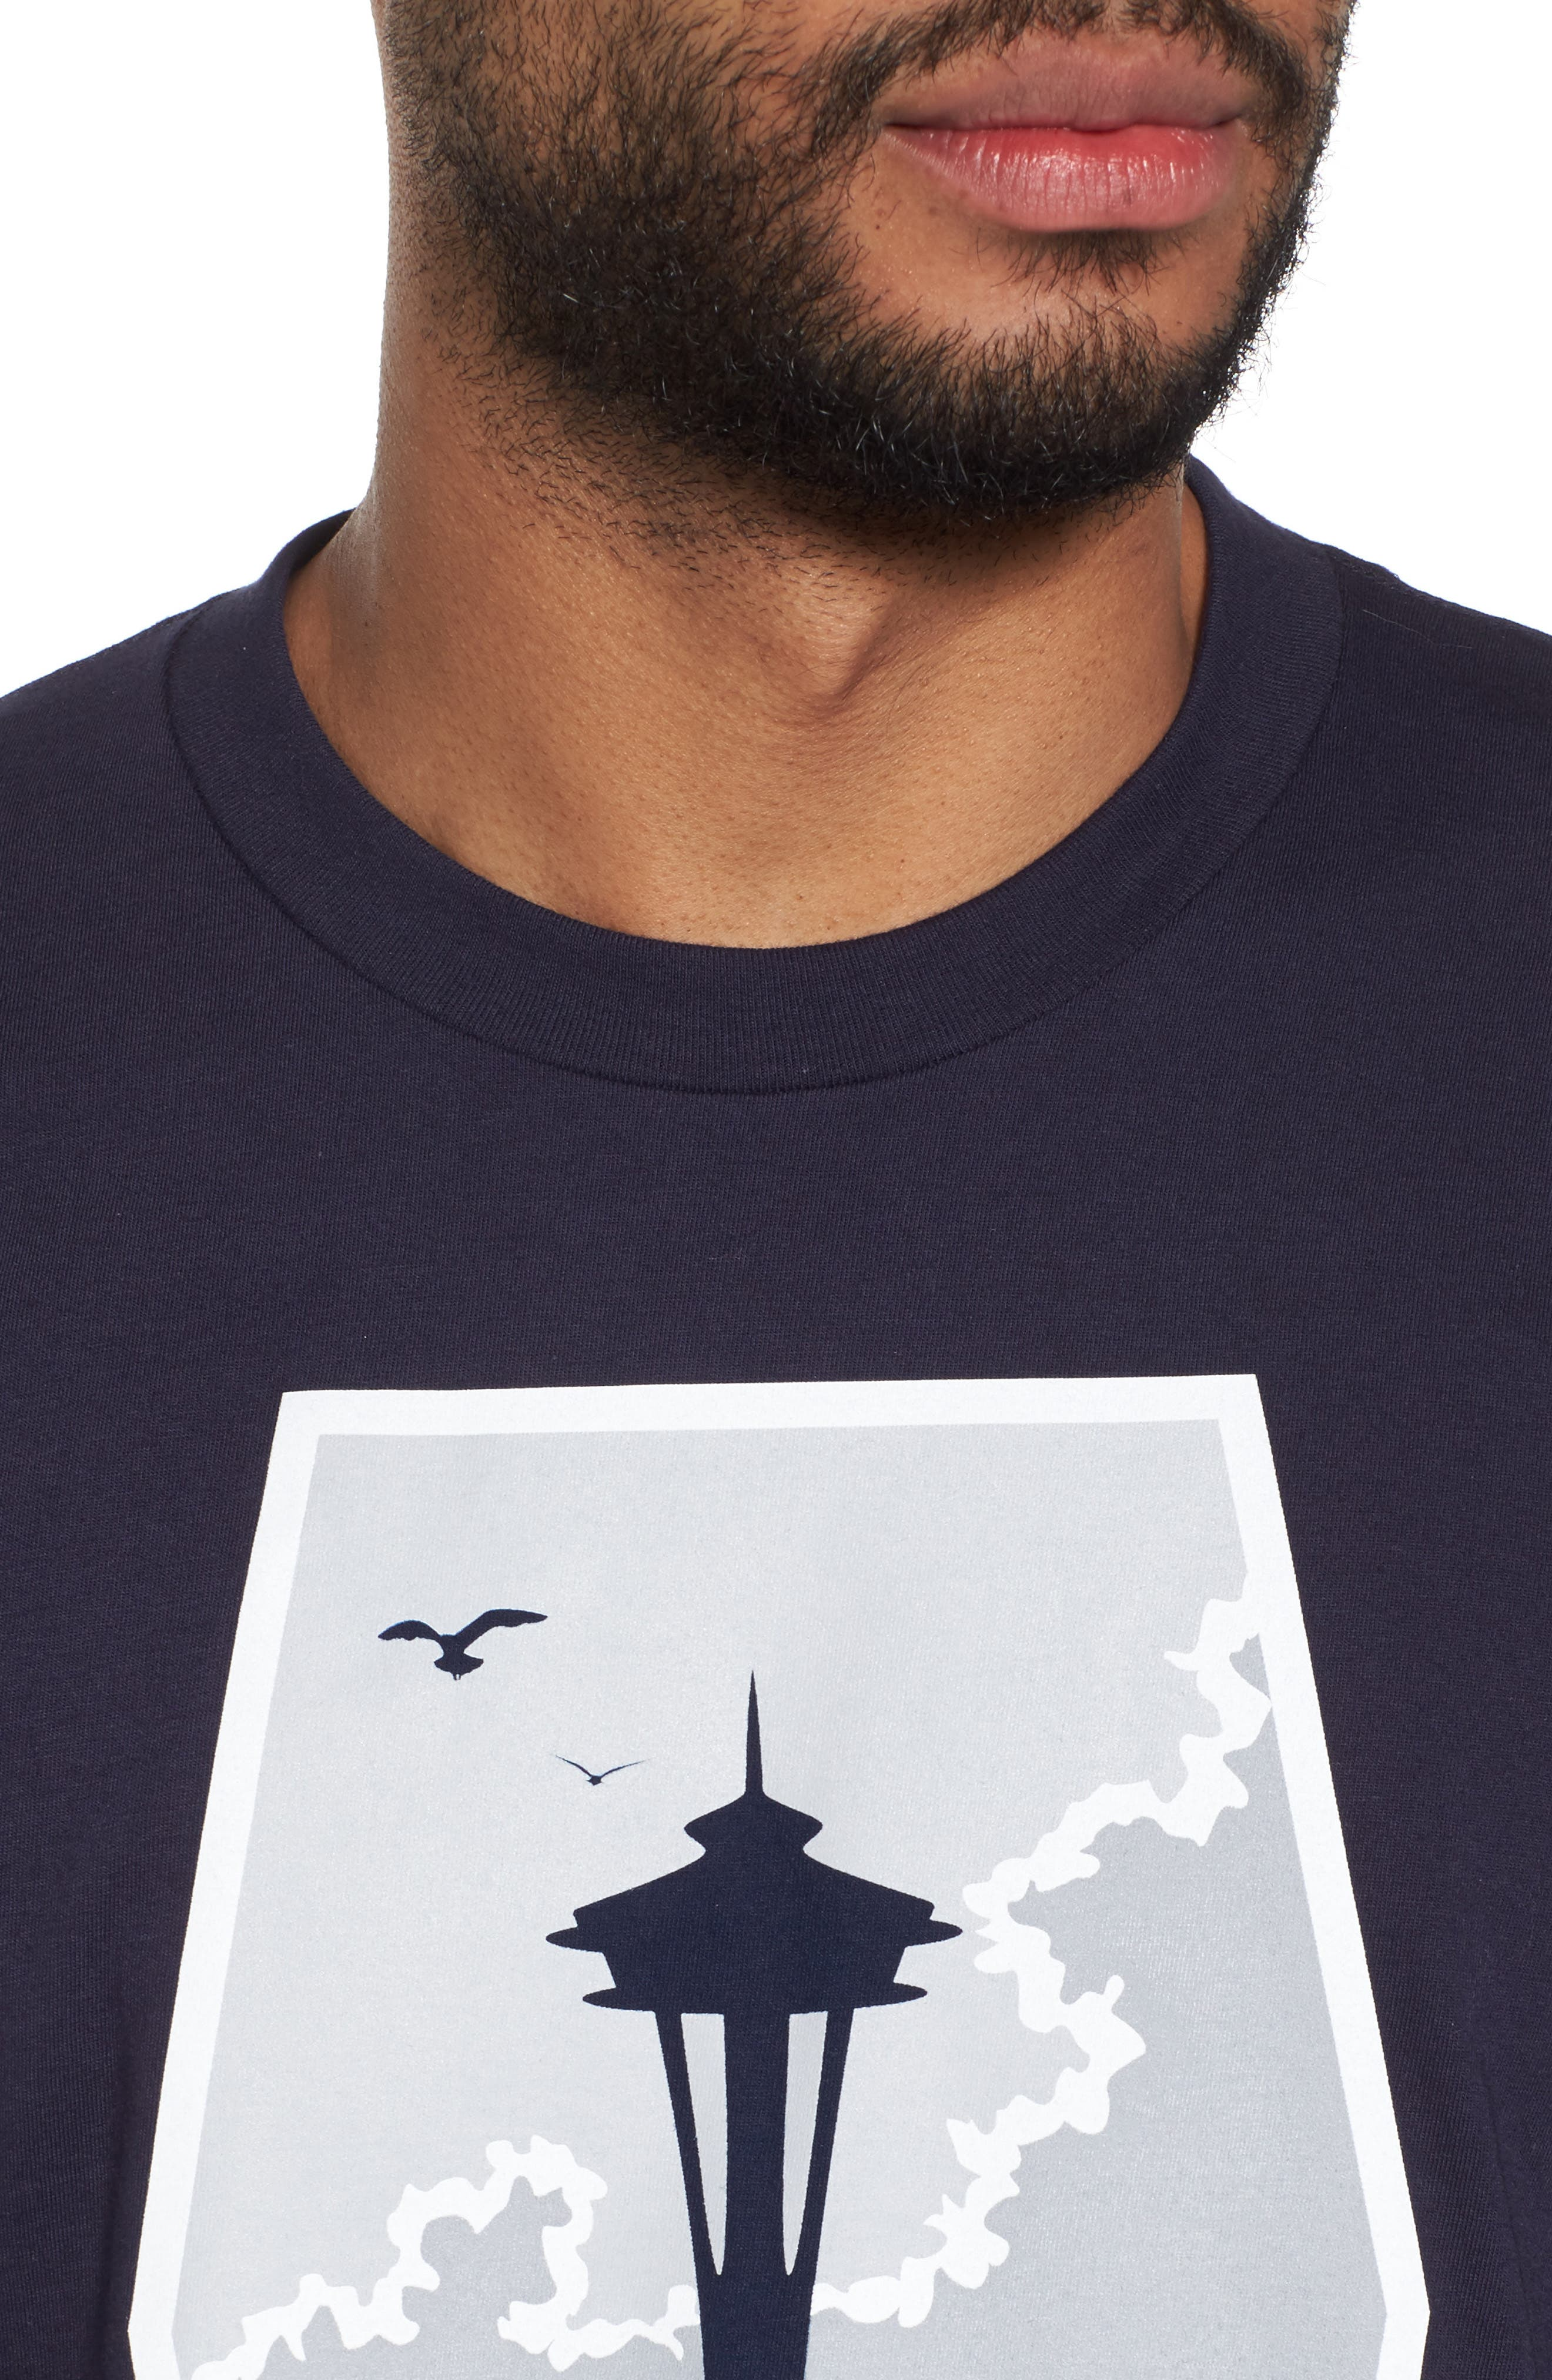 Foul Weather Fans T-Shirt,                             Alternate thumbnail 4, color,                             400